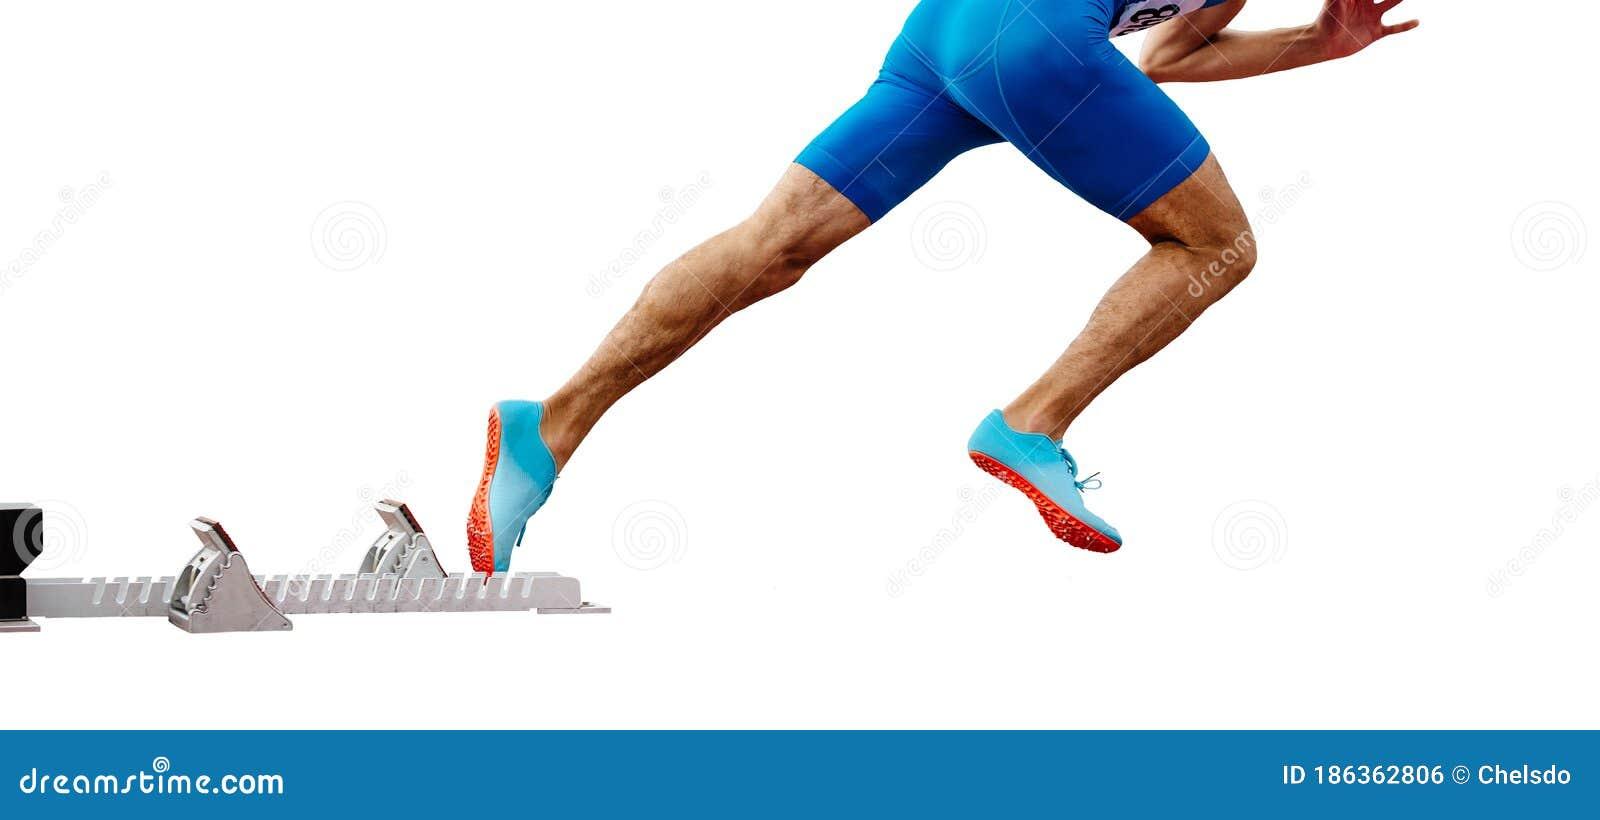 Nogi Meski Biegacz Sprintera Start Wyscig Zdjecie Stock Obraz Zlozonej Z Tlo Bieg 186362806